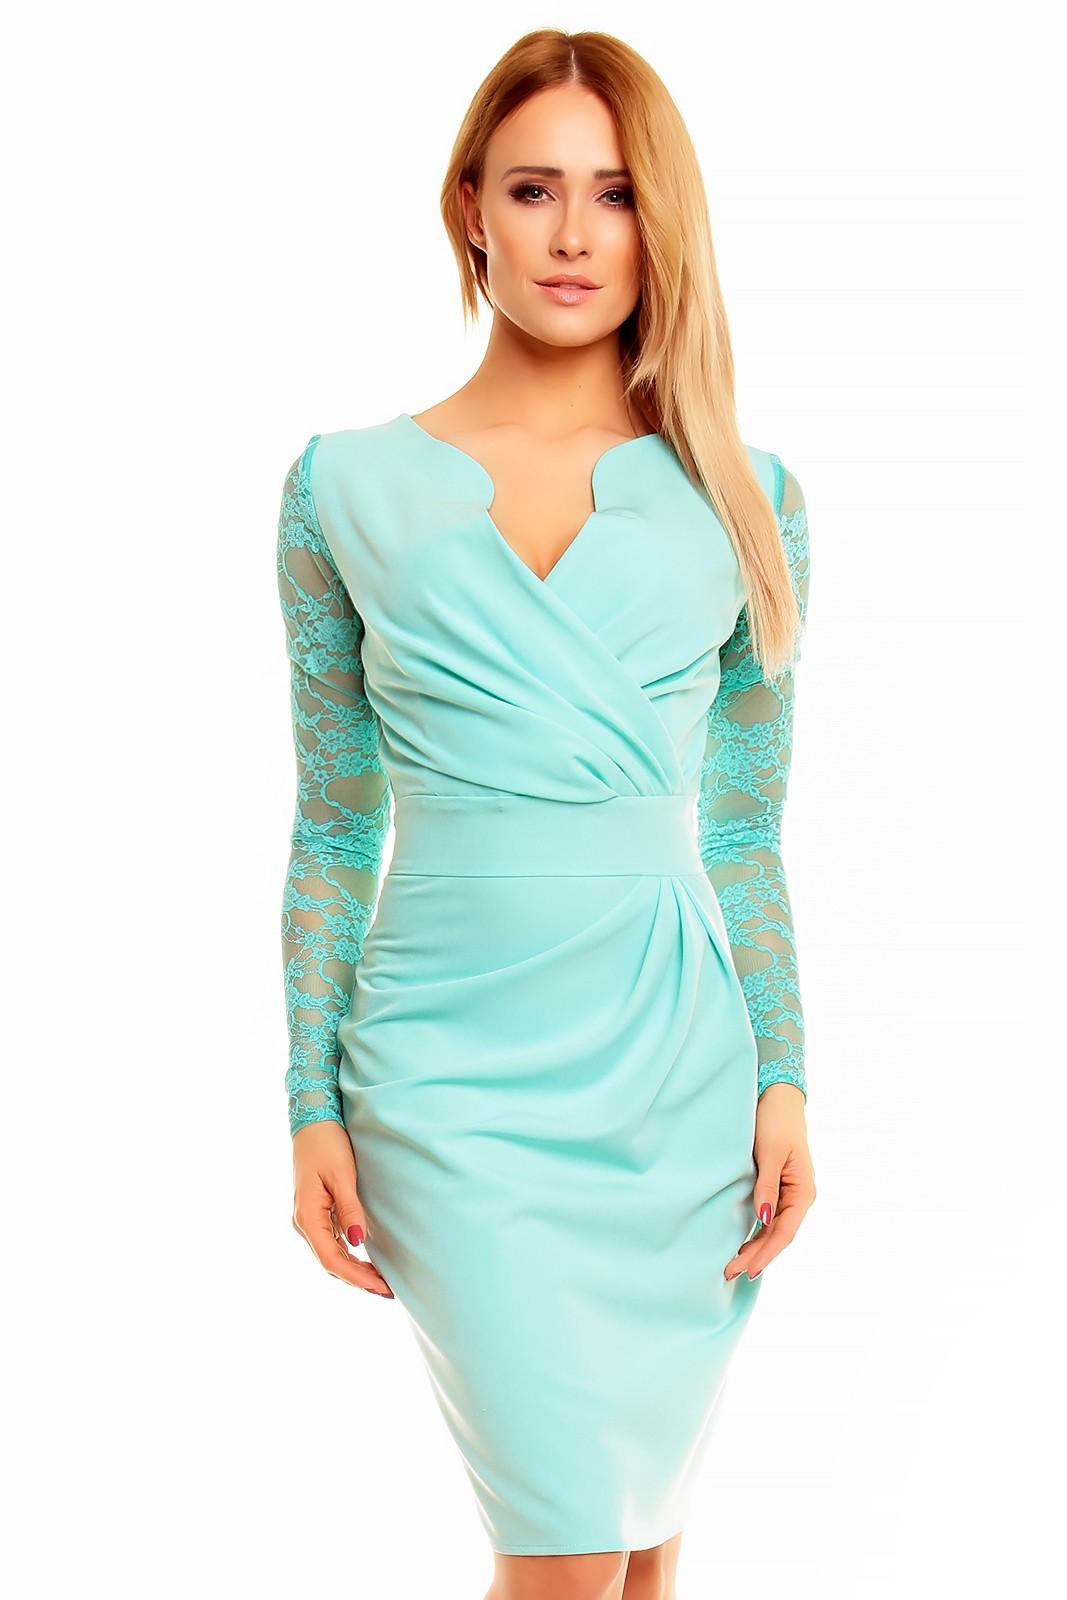 ca135c73628d KARTES MODA šaty dámské KM56K s obálkovým výstřihem - DG-MODA.CZ